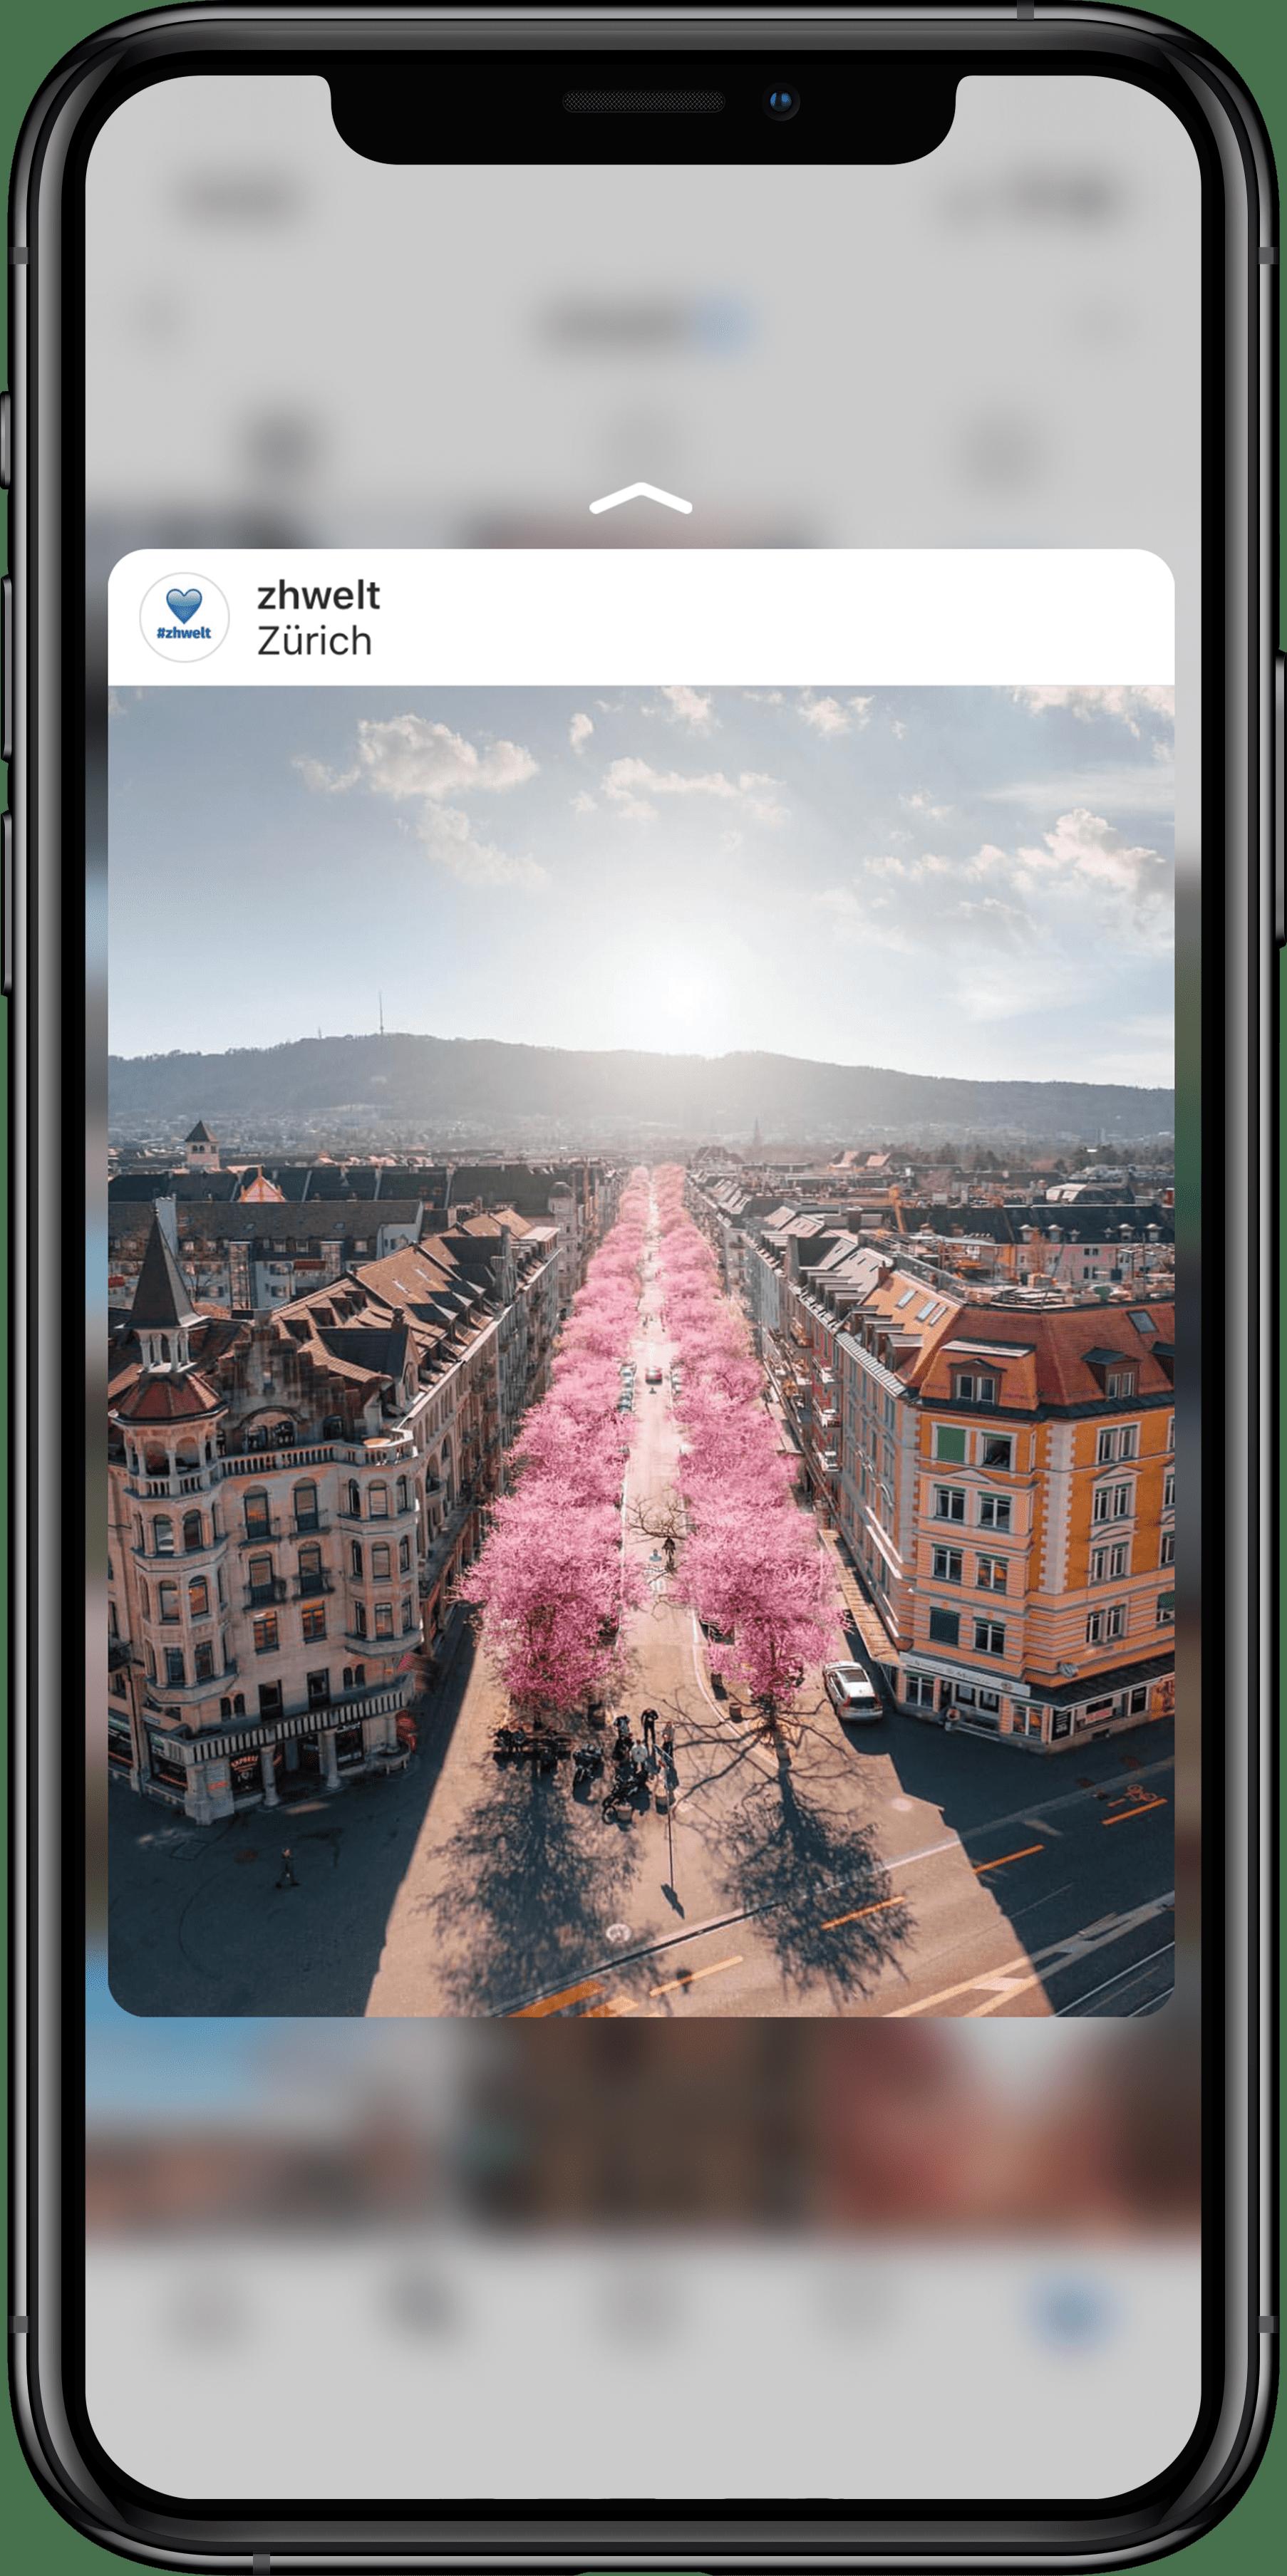 Das Bild zeigt den Instagram Chanel zhwelt